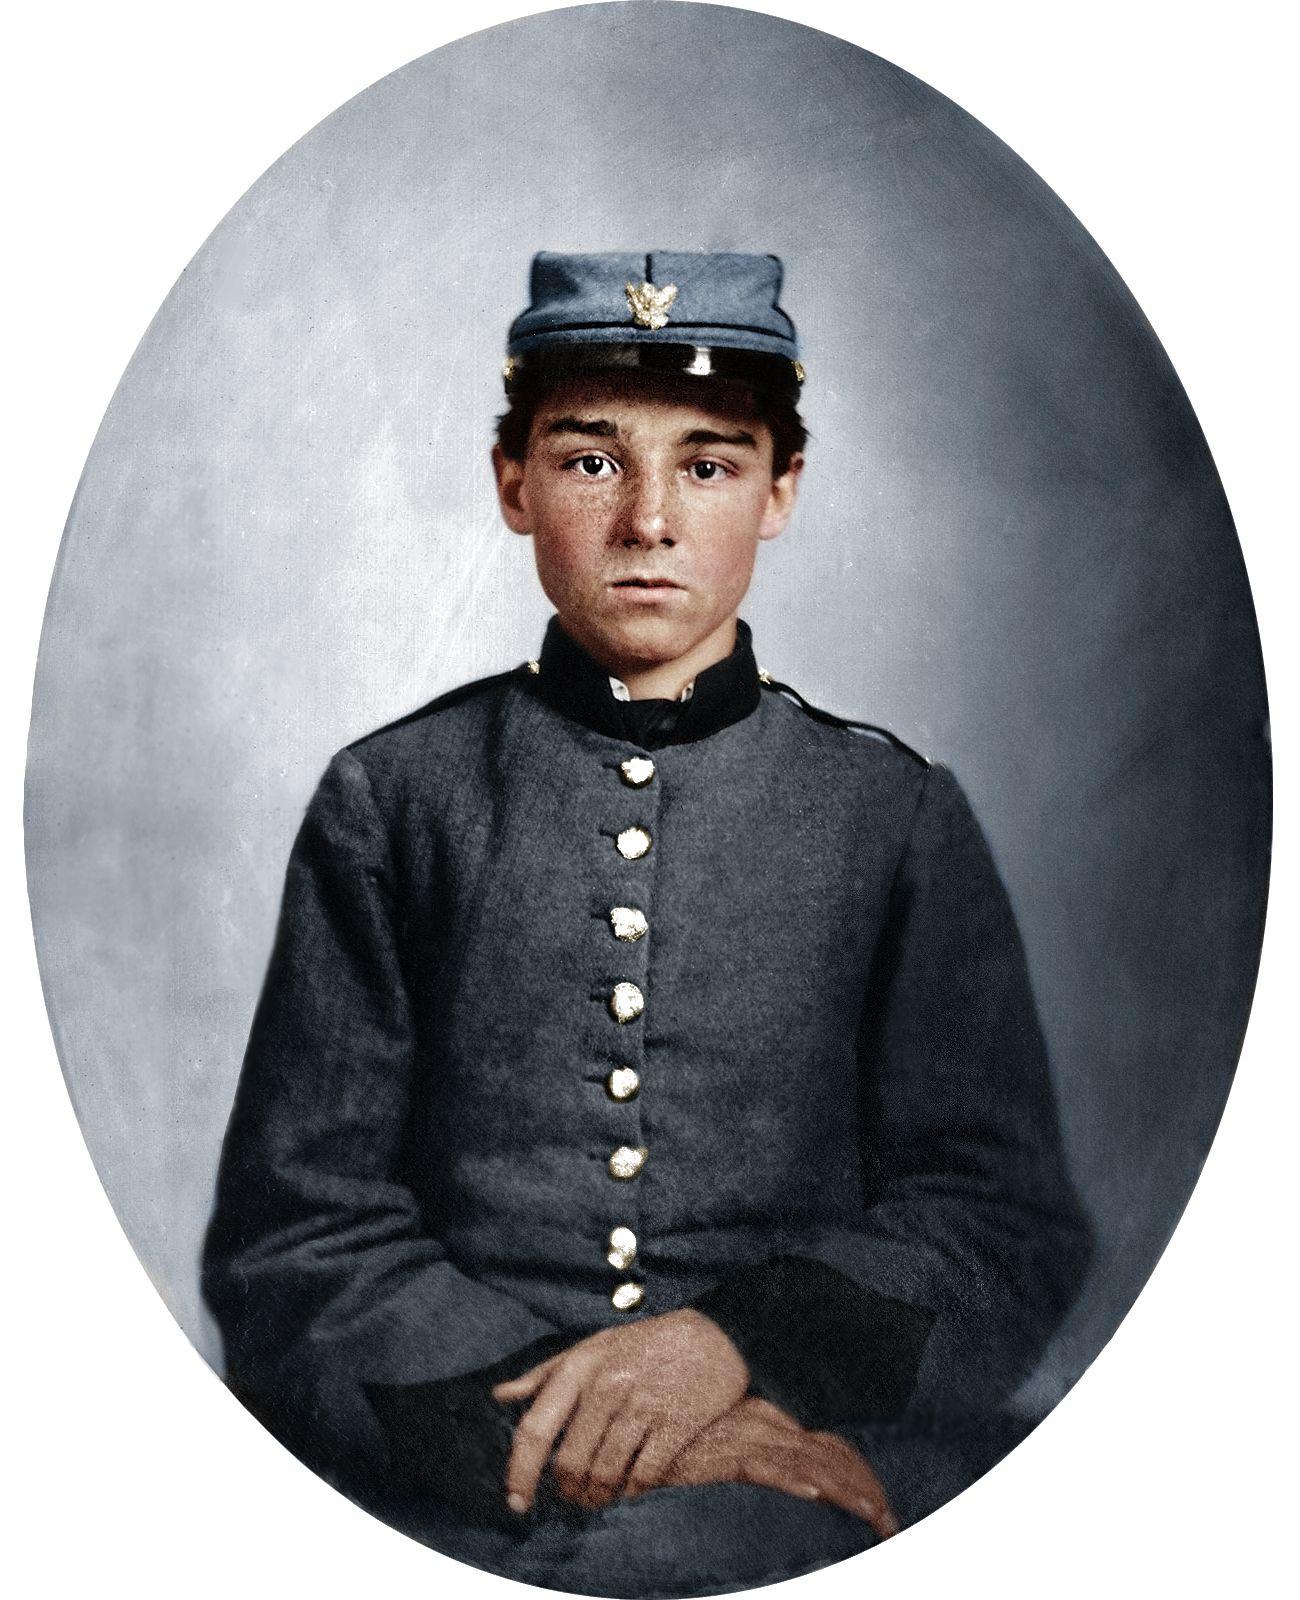 Amazing Full Color Civil War Photos Bring The Era S